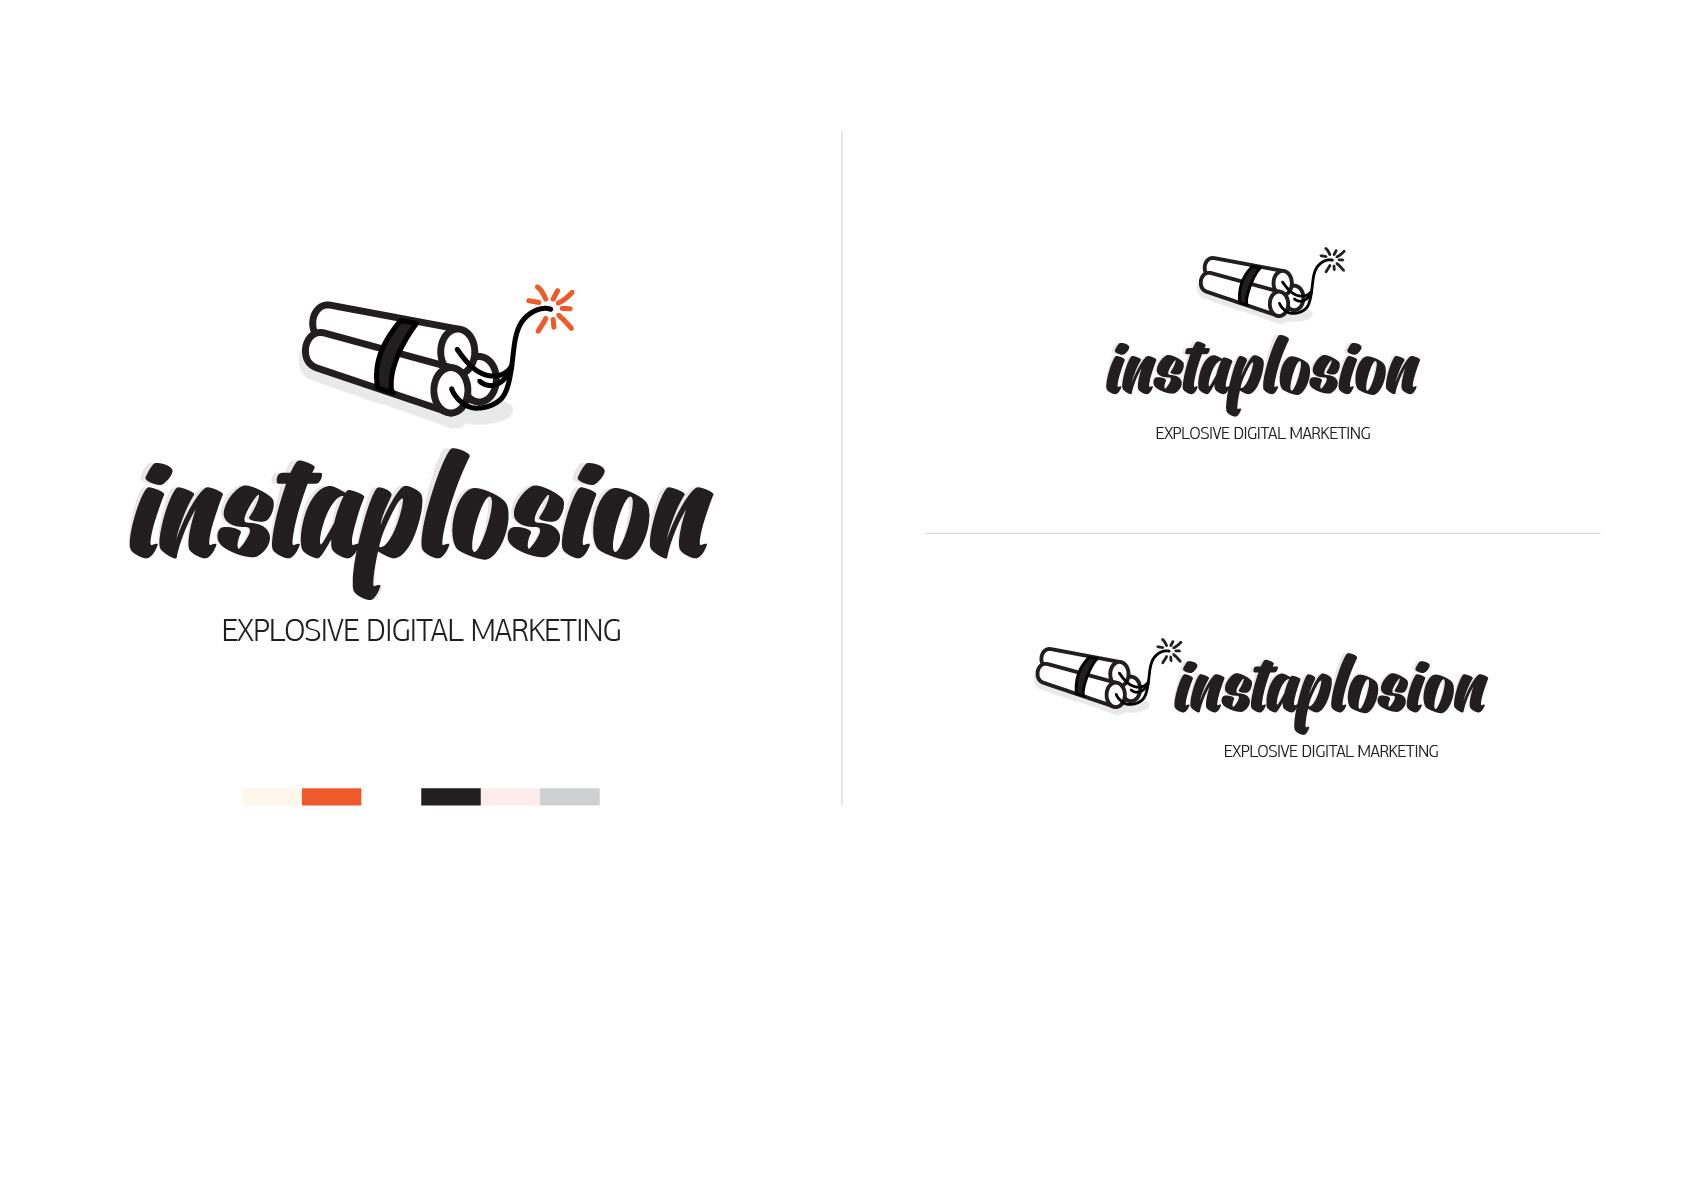 instaplosion-19